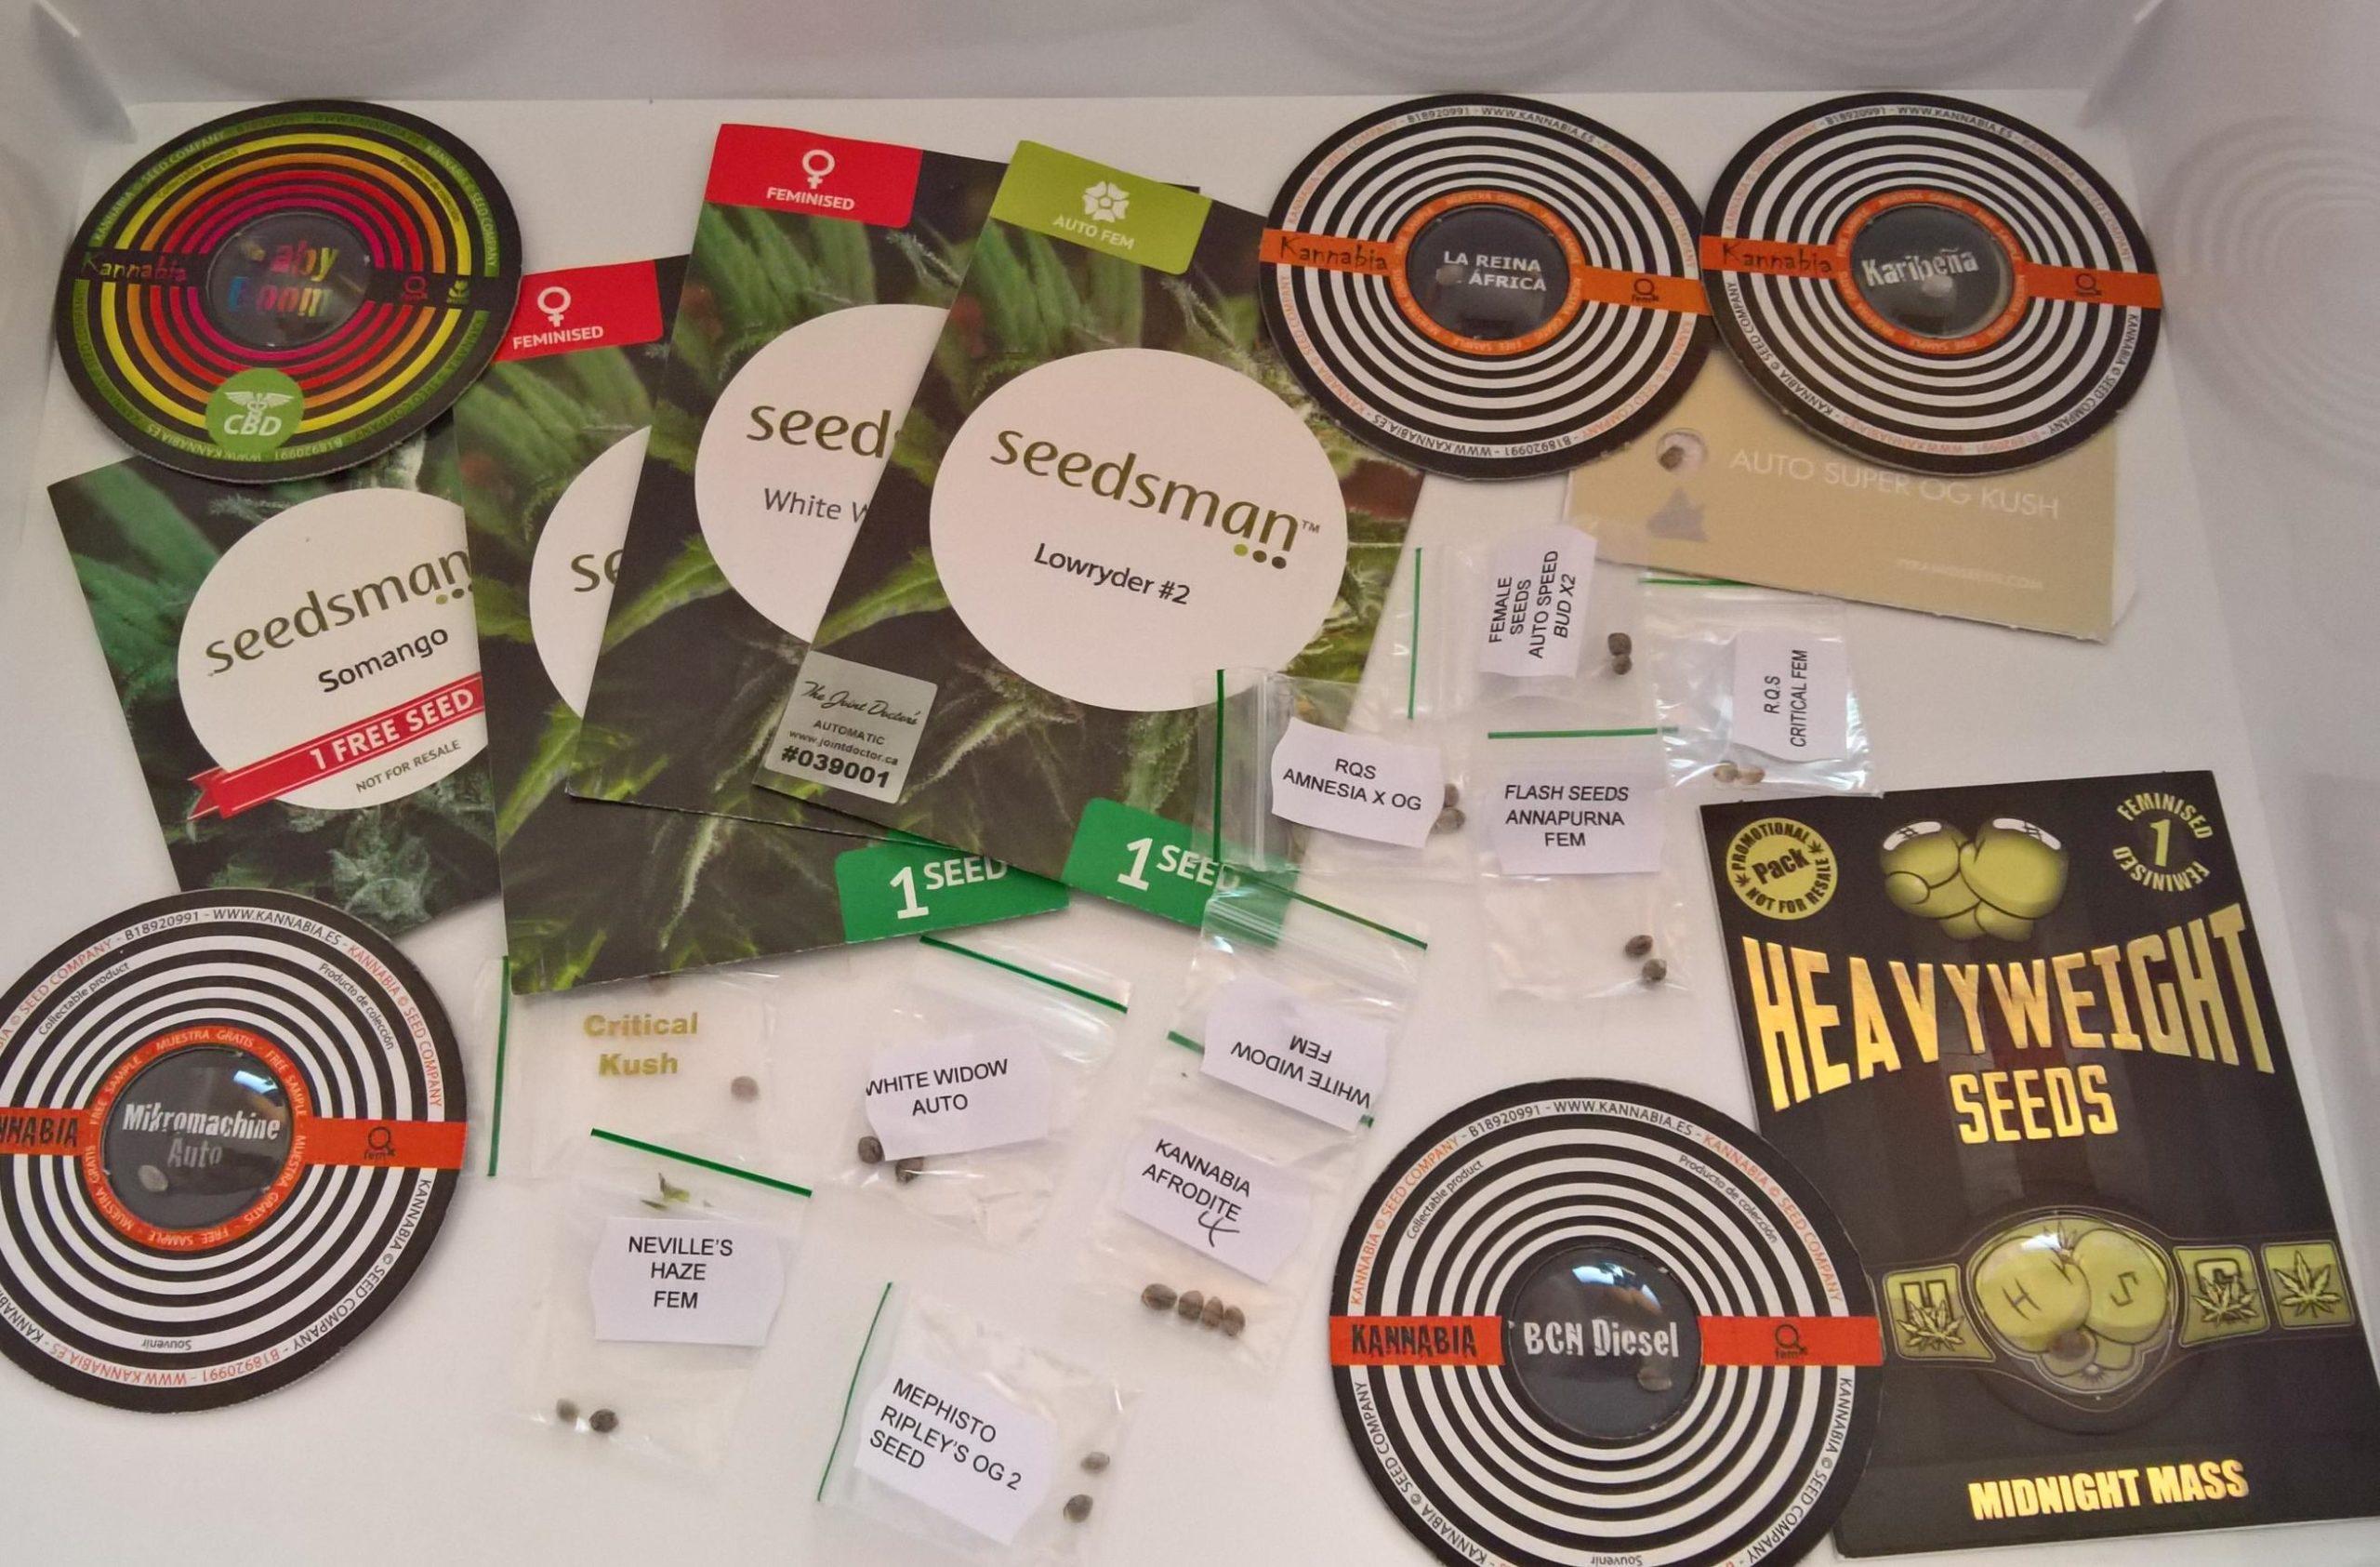 Bancos de sementes oferecem várias opções de strains - Créditos Cannabis Scaled